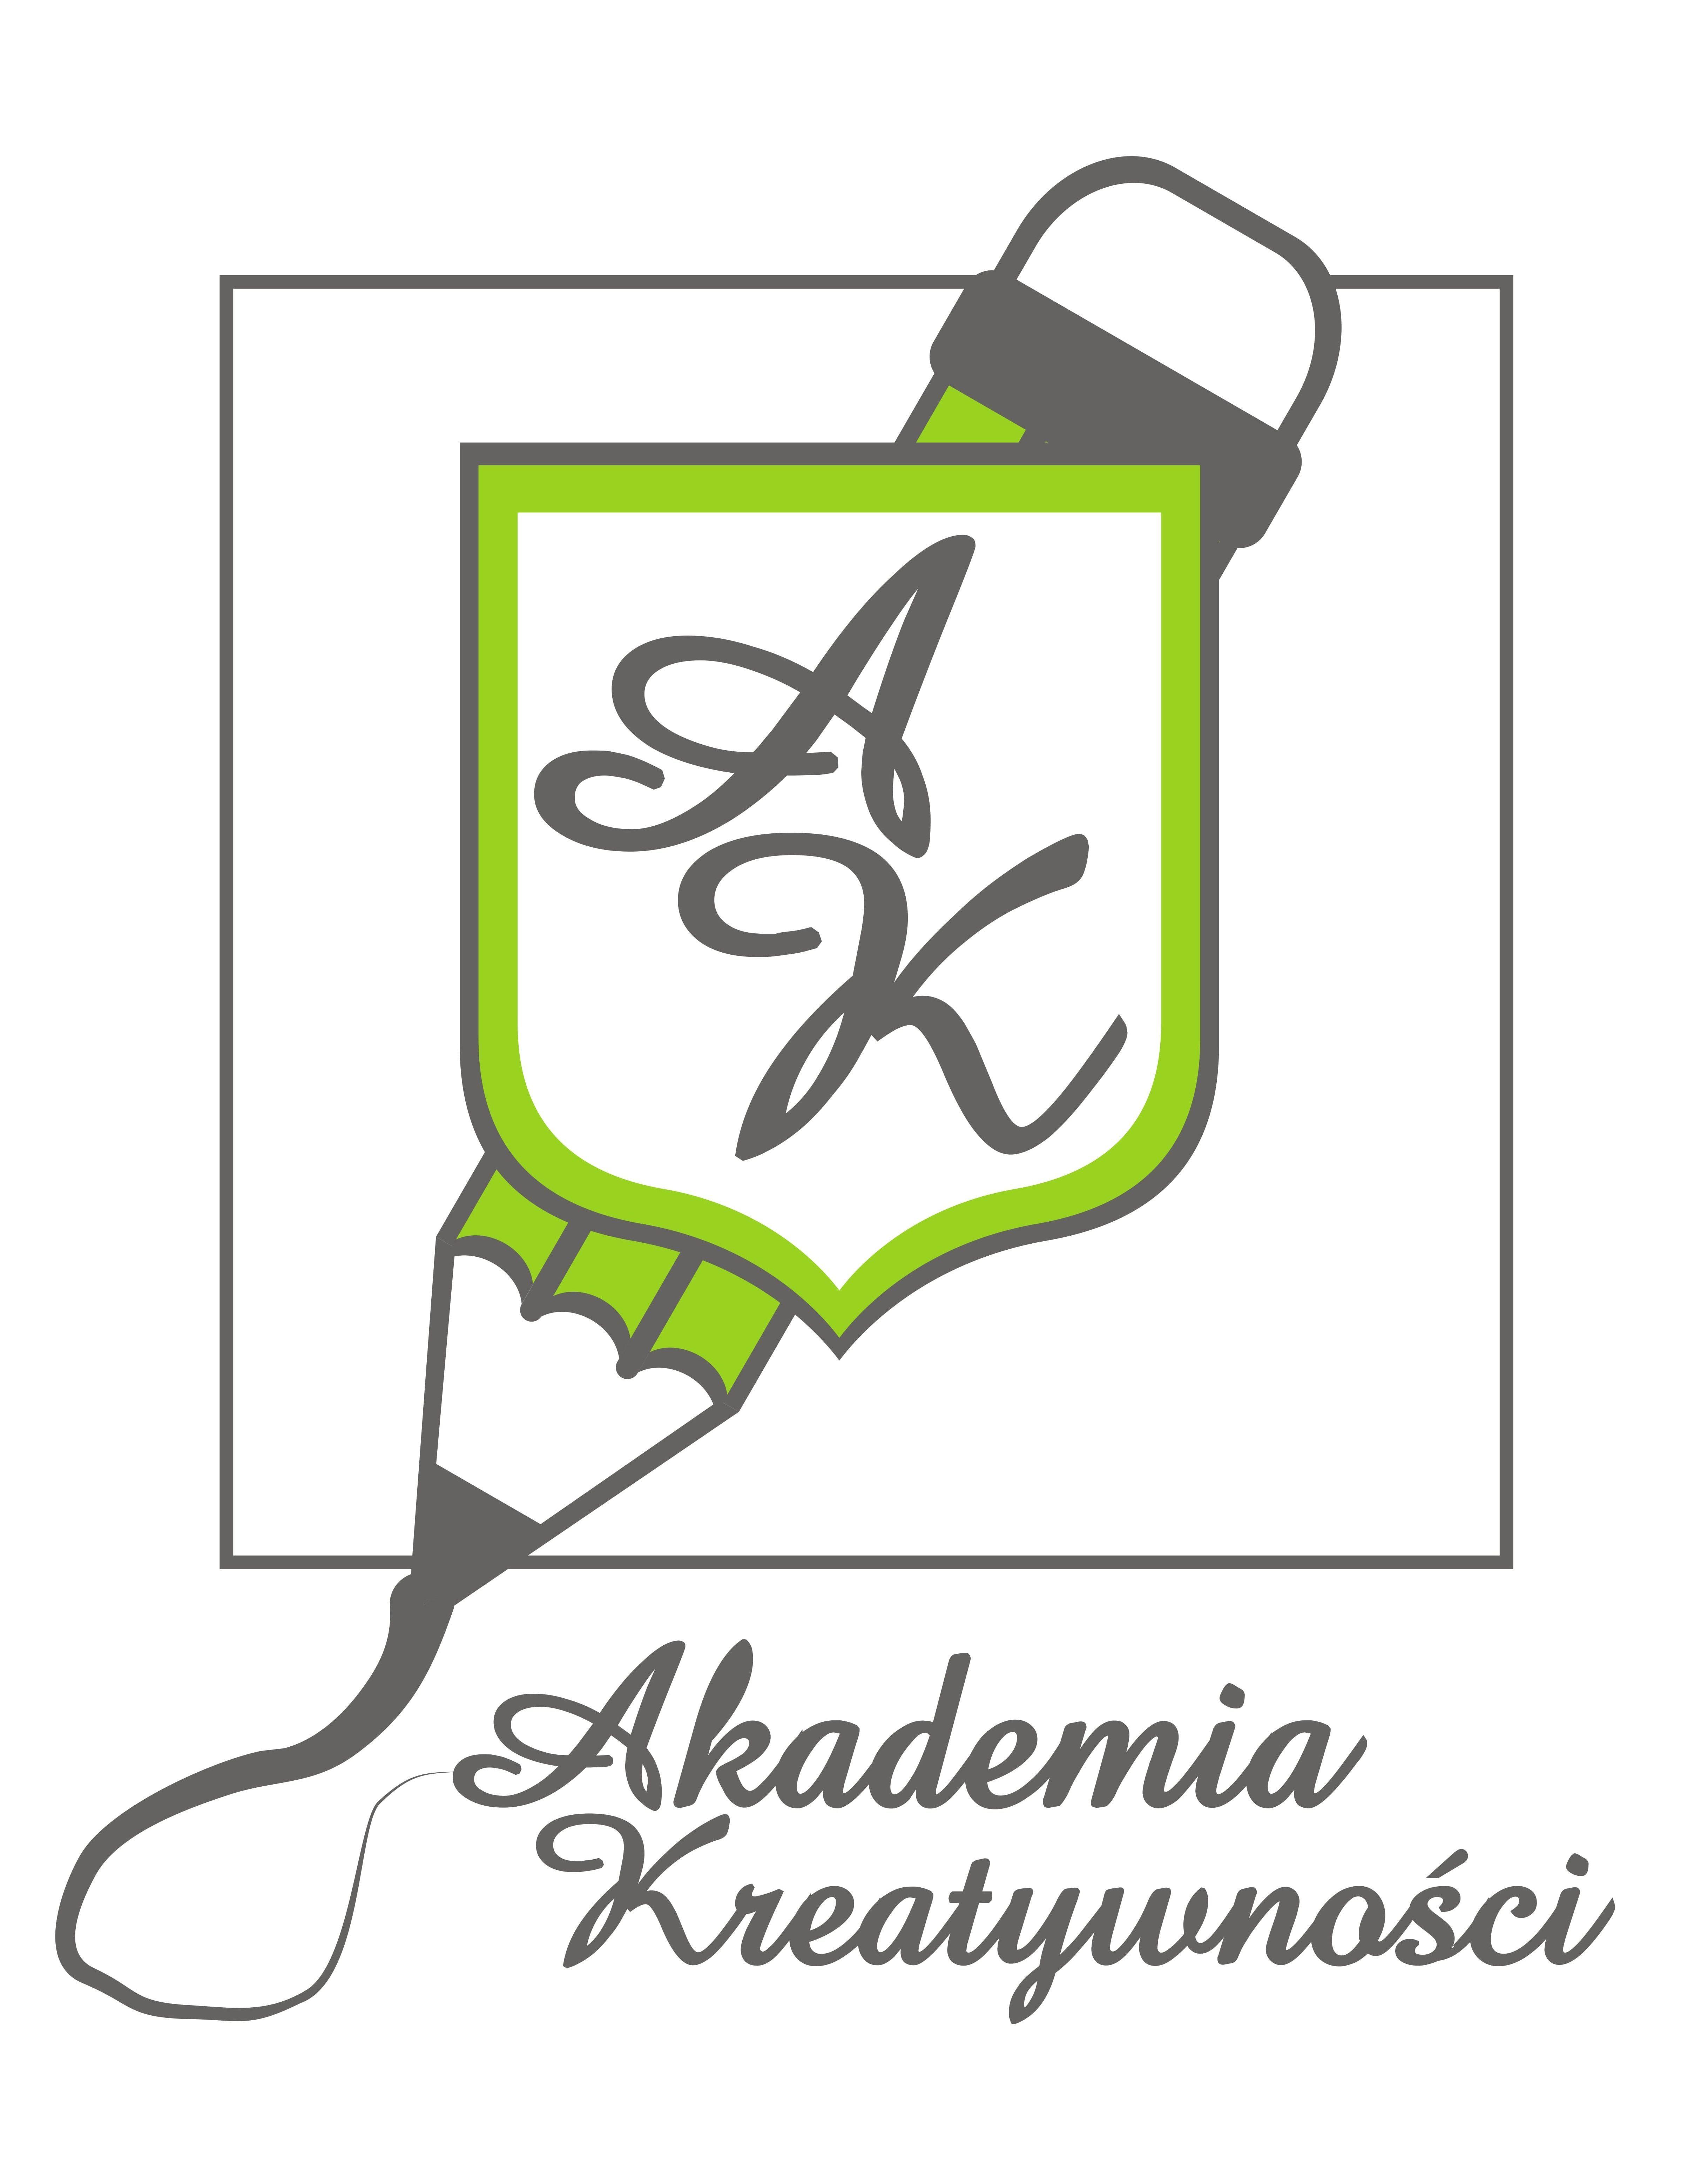 Akademia Kreatywności